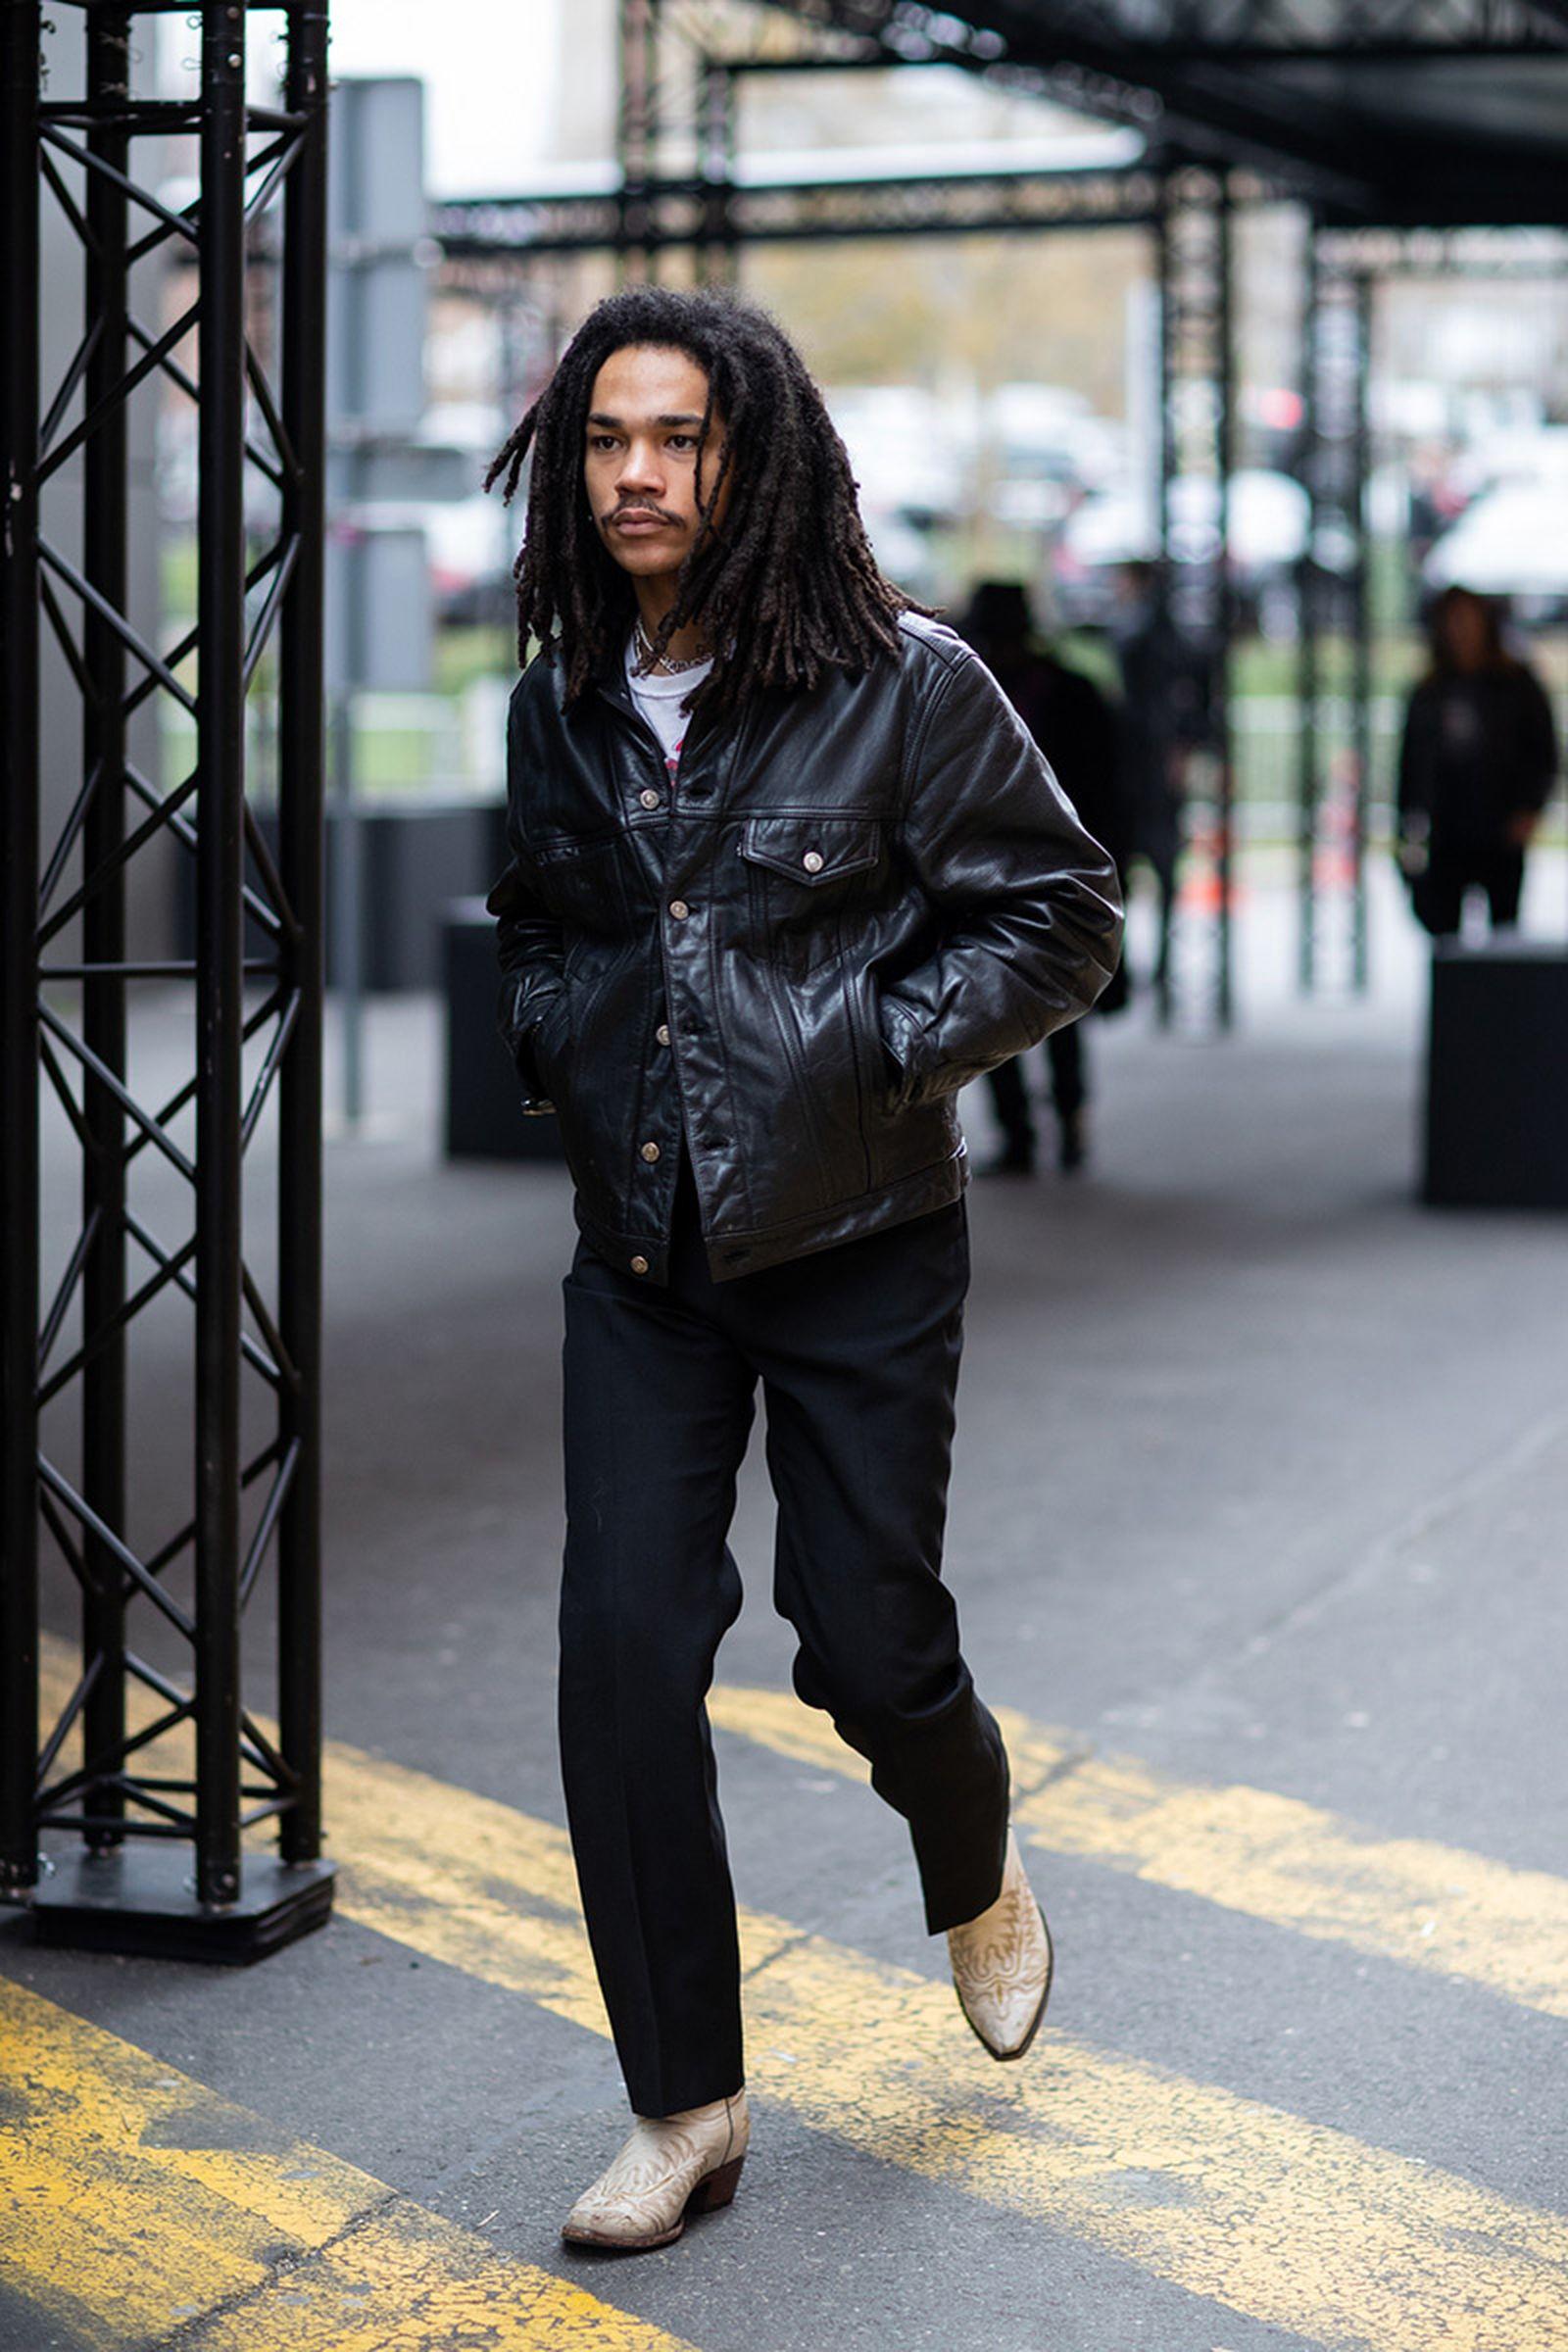 2019 guide to slp aesthetic 003 Balenciaga Gucci Rick Owens